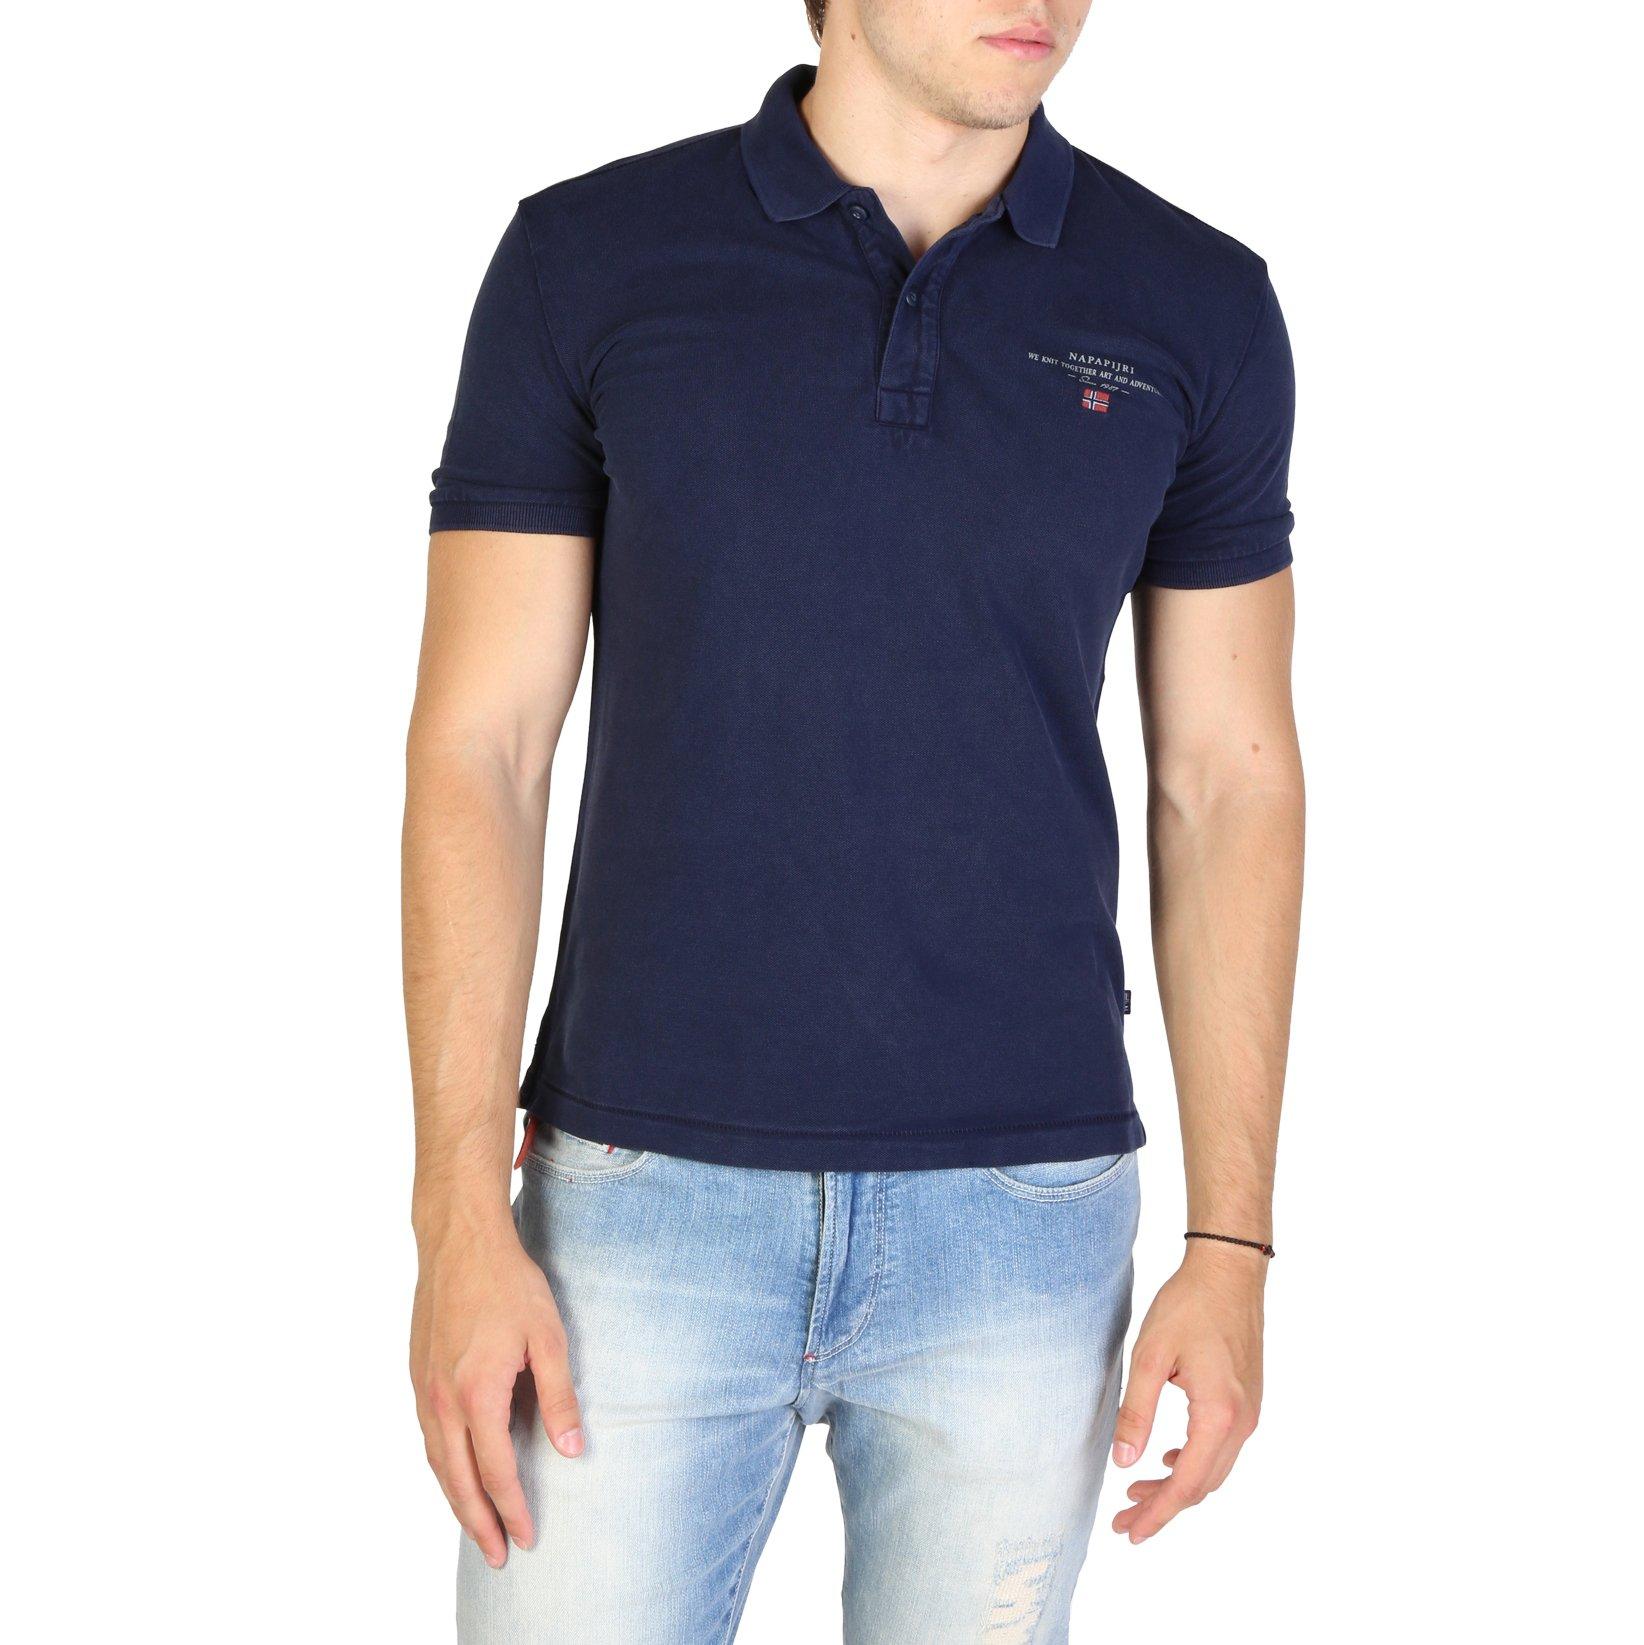 Napapijri Men's Polo Shirt Various Colours ELBAS3_NP0A4EGC - blue S